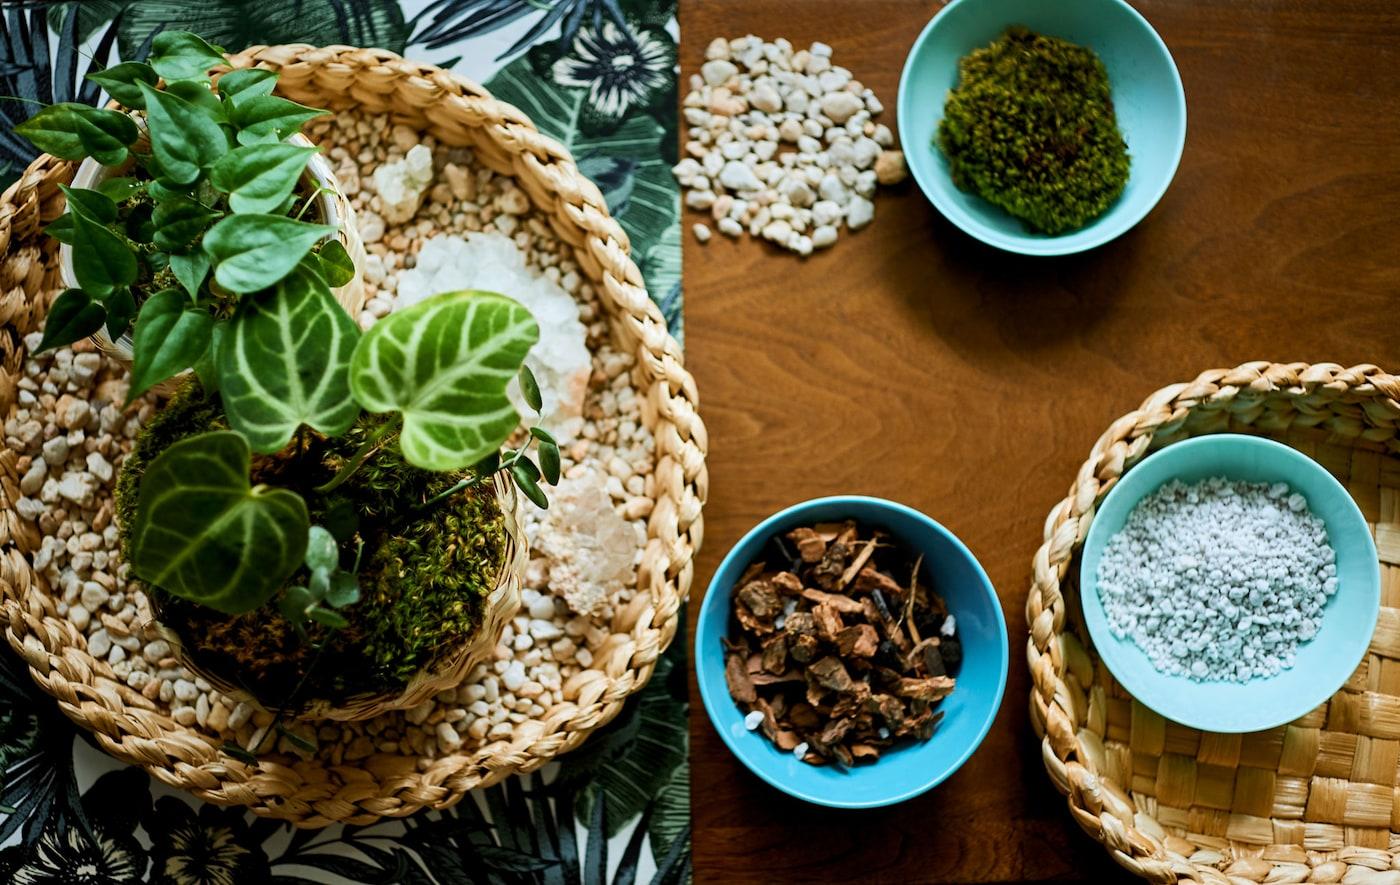 Stol s komadom tkanine s uzorkom biljaka, poslužavnik s minijaturnim ukrasom i zdjelama materijala za uzgoj.